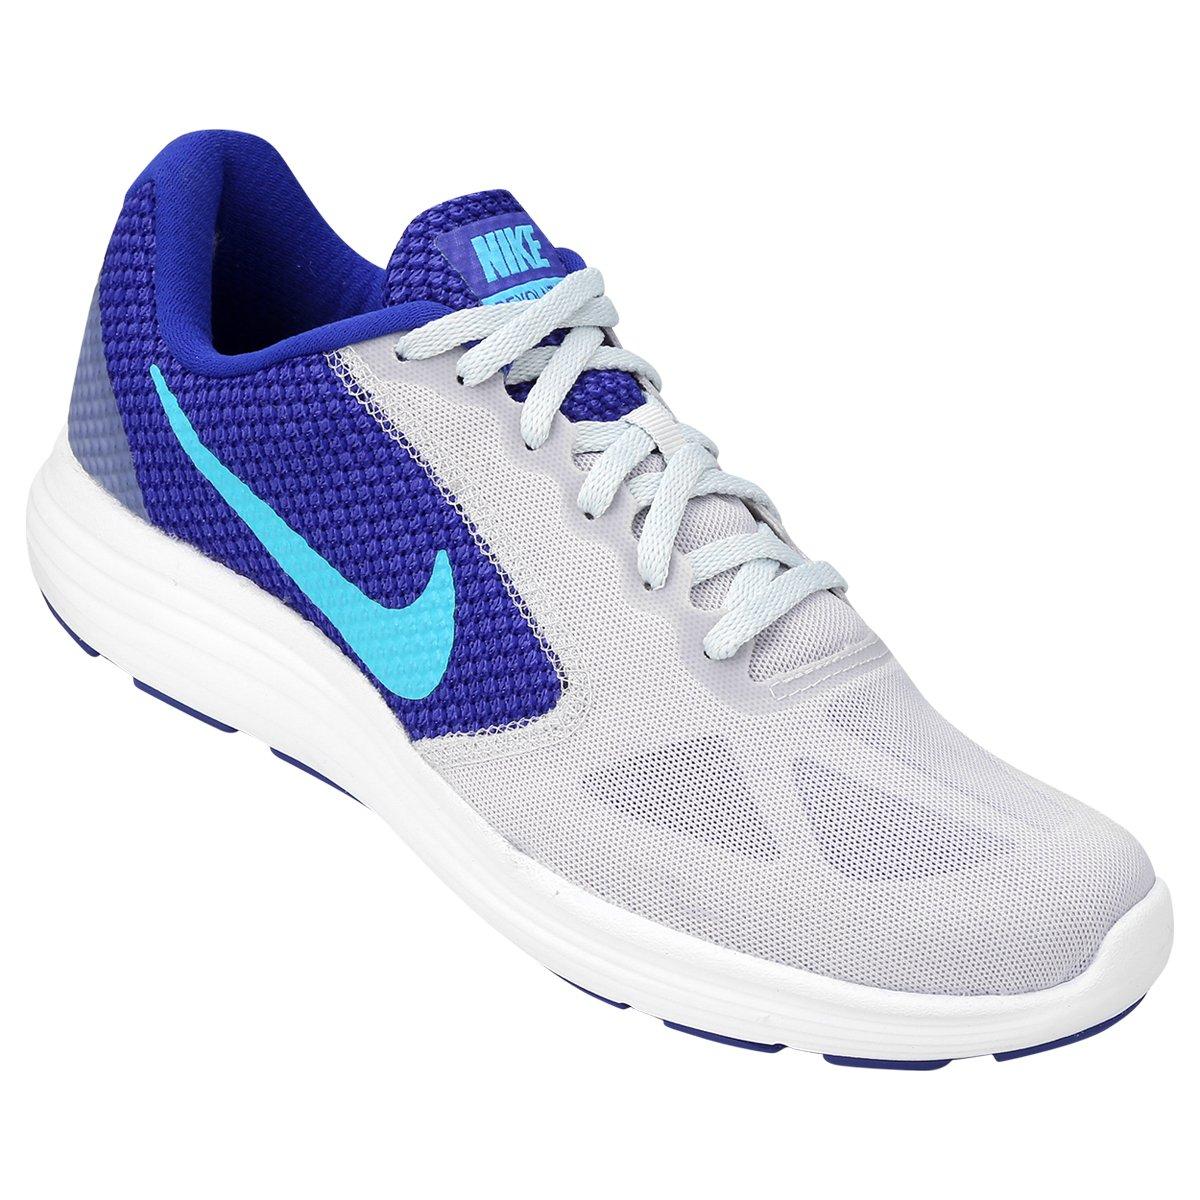 f4e8fdf26ce2d Tênis Nike Revolution 3 Feminino - Compre Agora